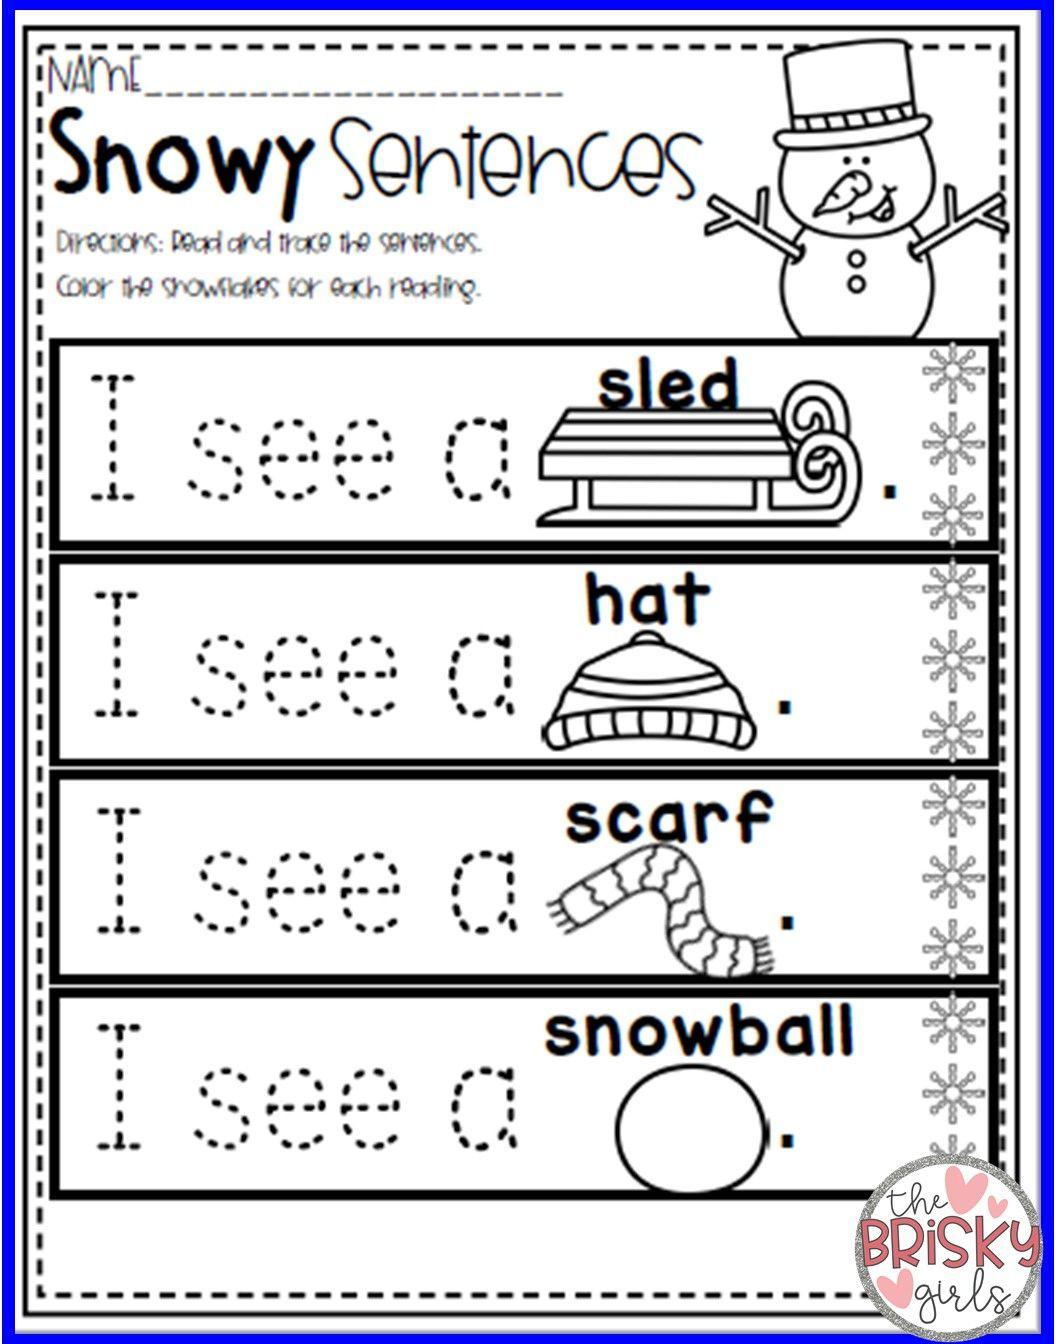 Winter Activities Winter Activities For Kids Winter Activities Preschoo Winter Activities Preschool Winter Kindergarten Activities Winter Activities For Kids [ 1344 x 1056 Pixel ]